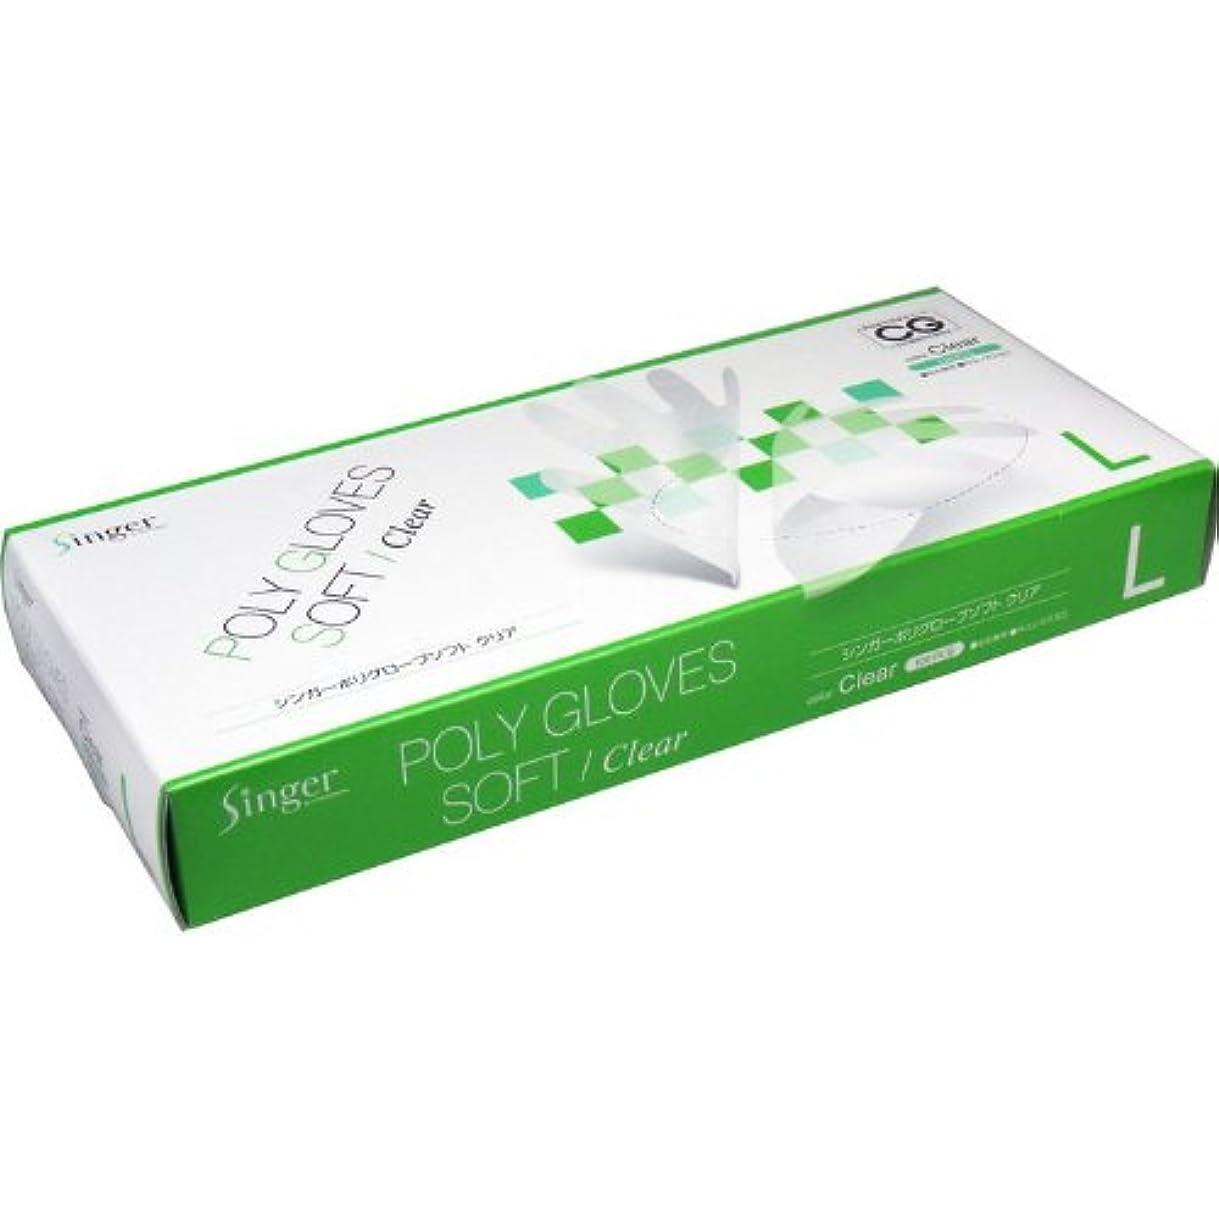 テンション洗剤一般的な家庭用から業務用まで幅広くお使いいただける 100枚入 ポリ手袋 Lサイズ